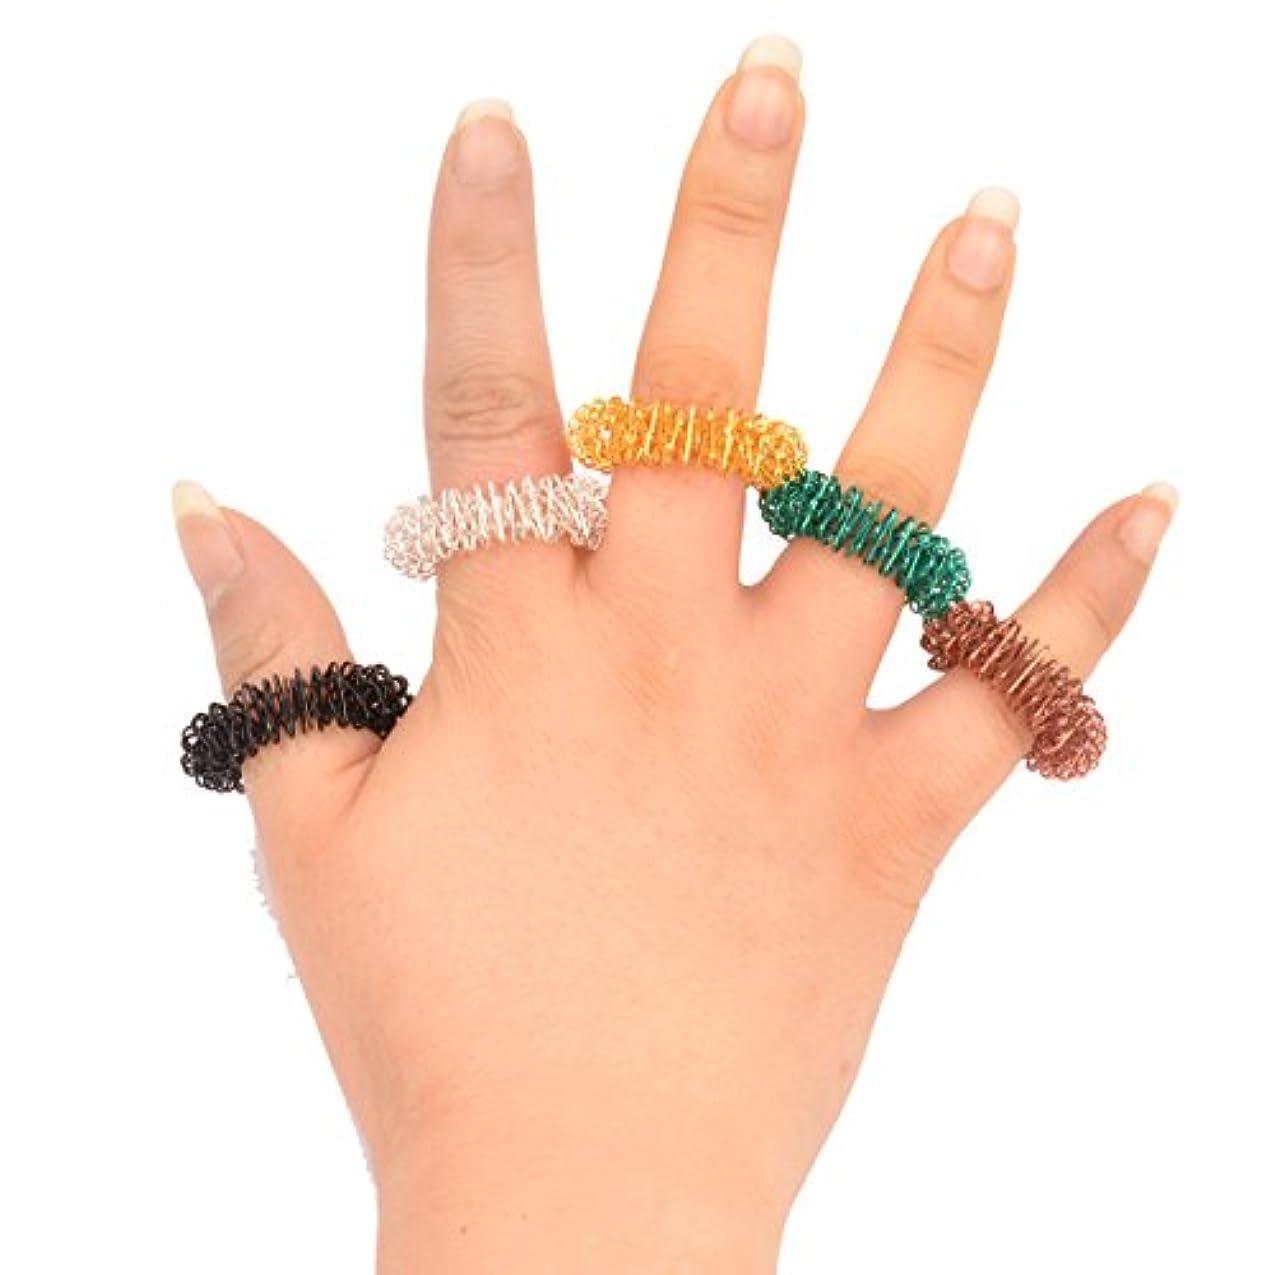 パーティー資金チャネル(Ckeyin) マッサージリング 5個入り 爪もみリング 色はランダムによって配送されます (5個)